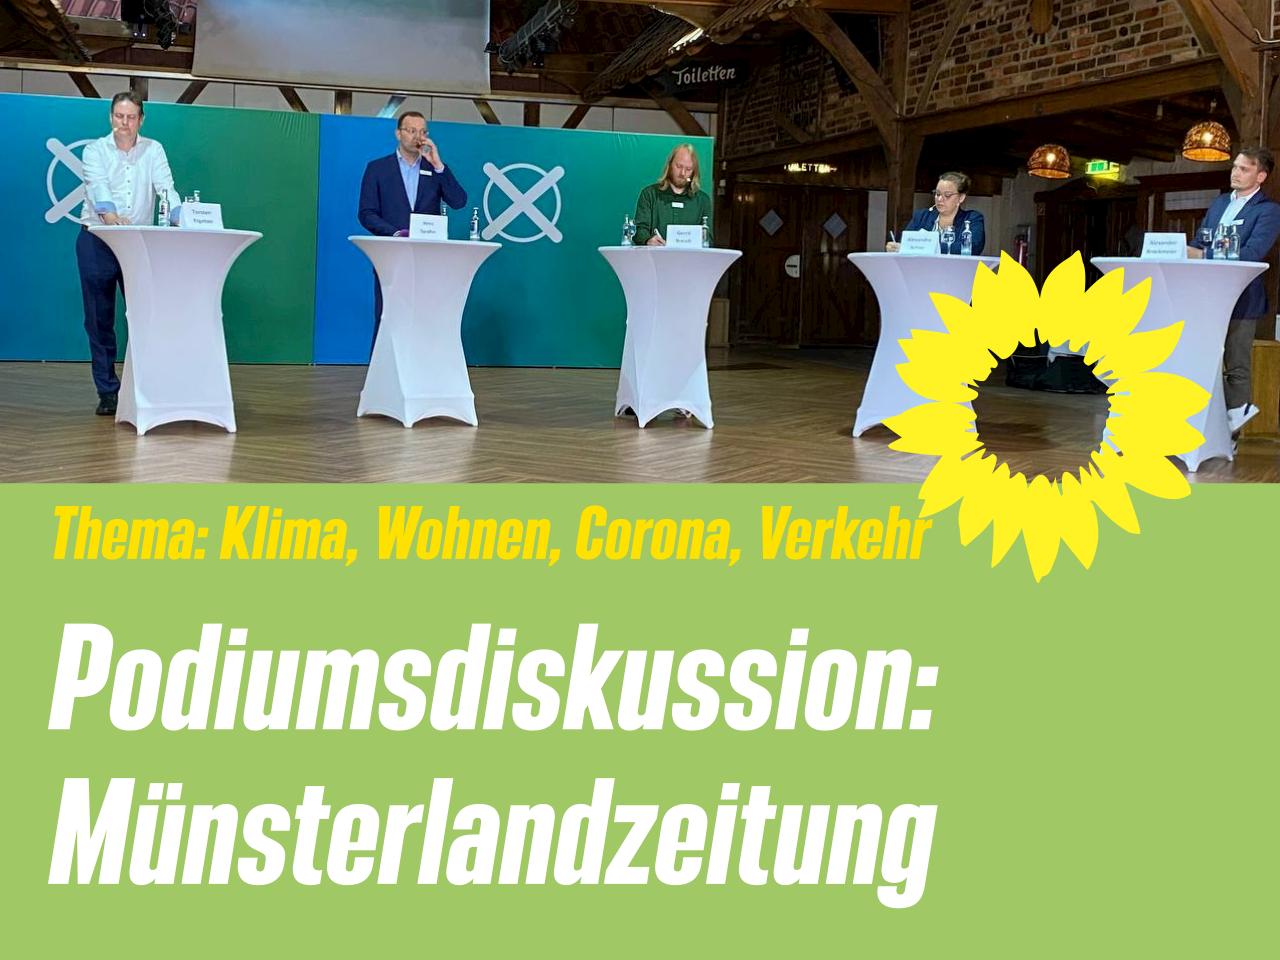 Podiumsdiskussion: Münsterlandzeitung Kreis Borken